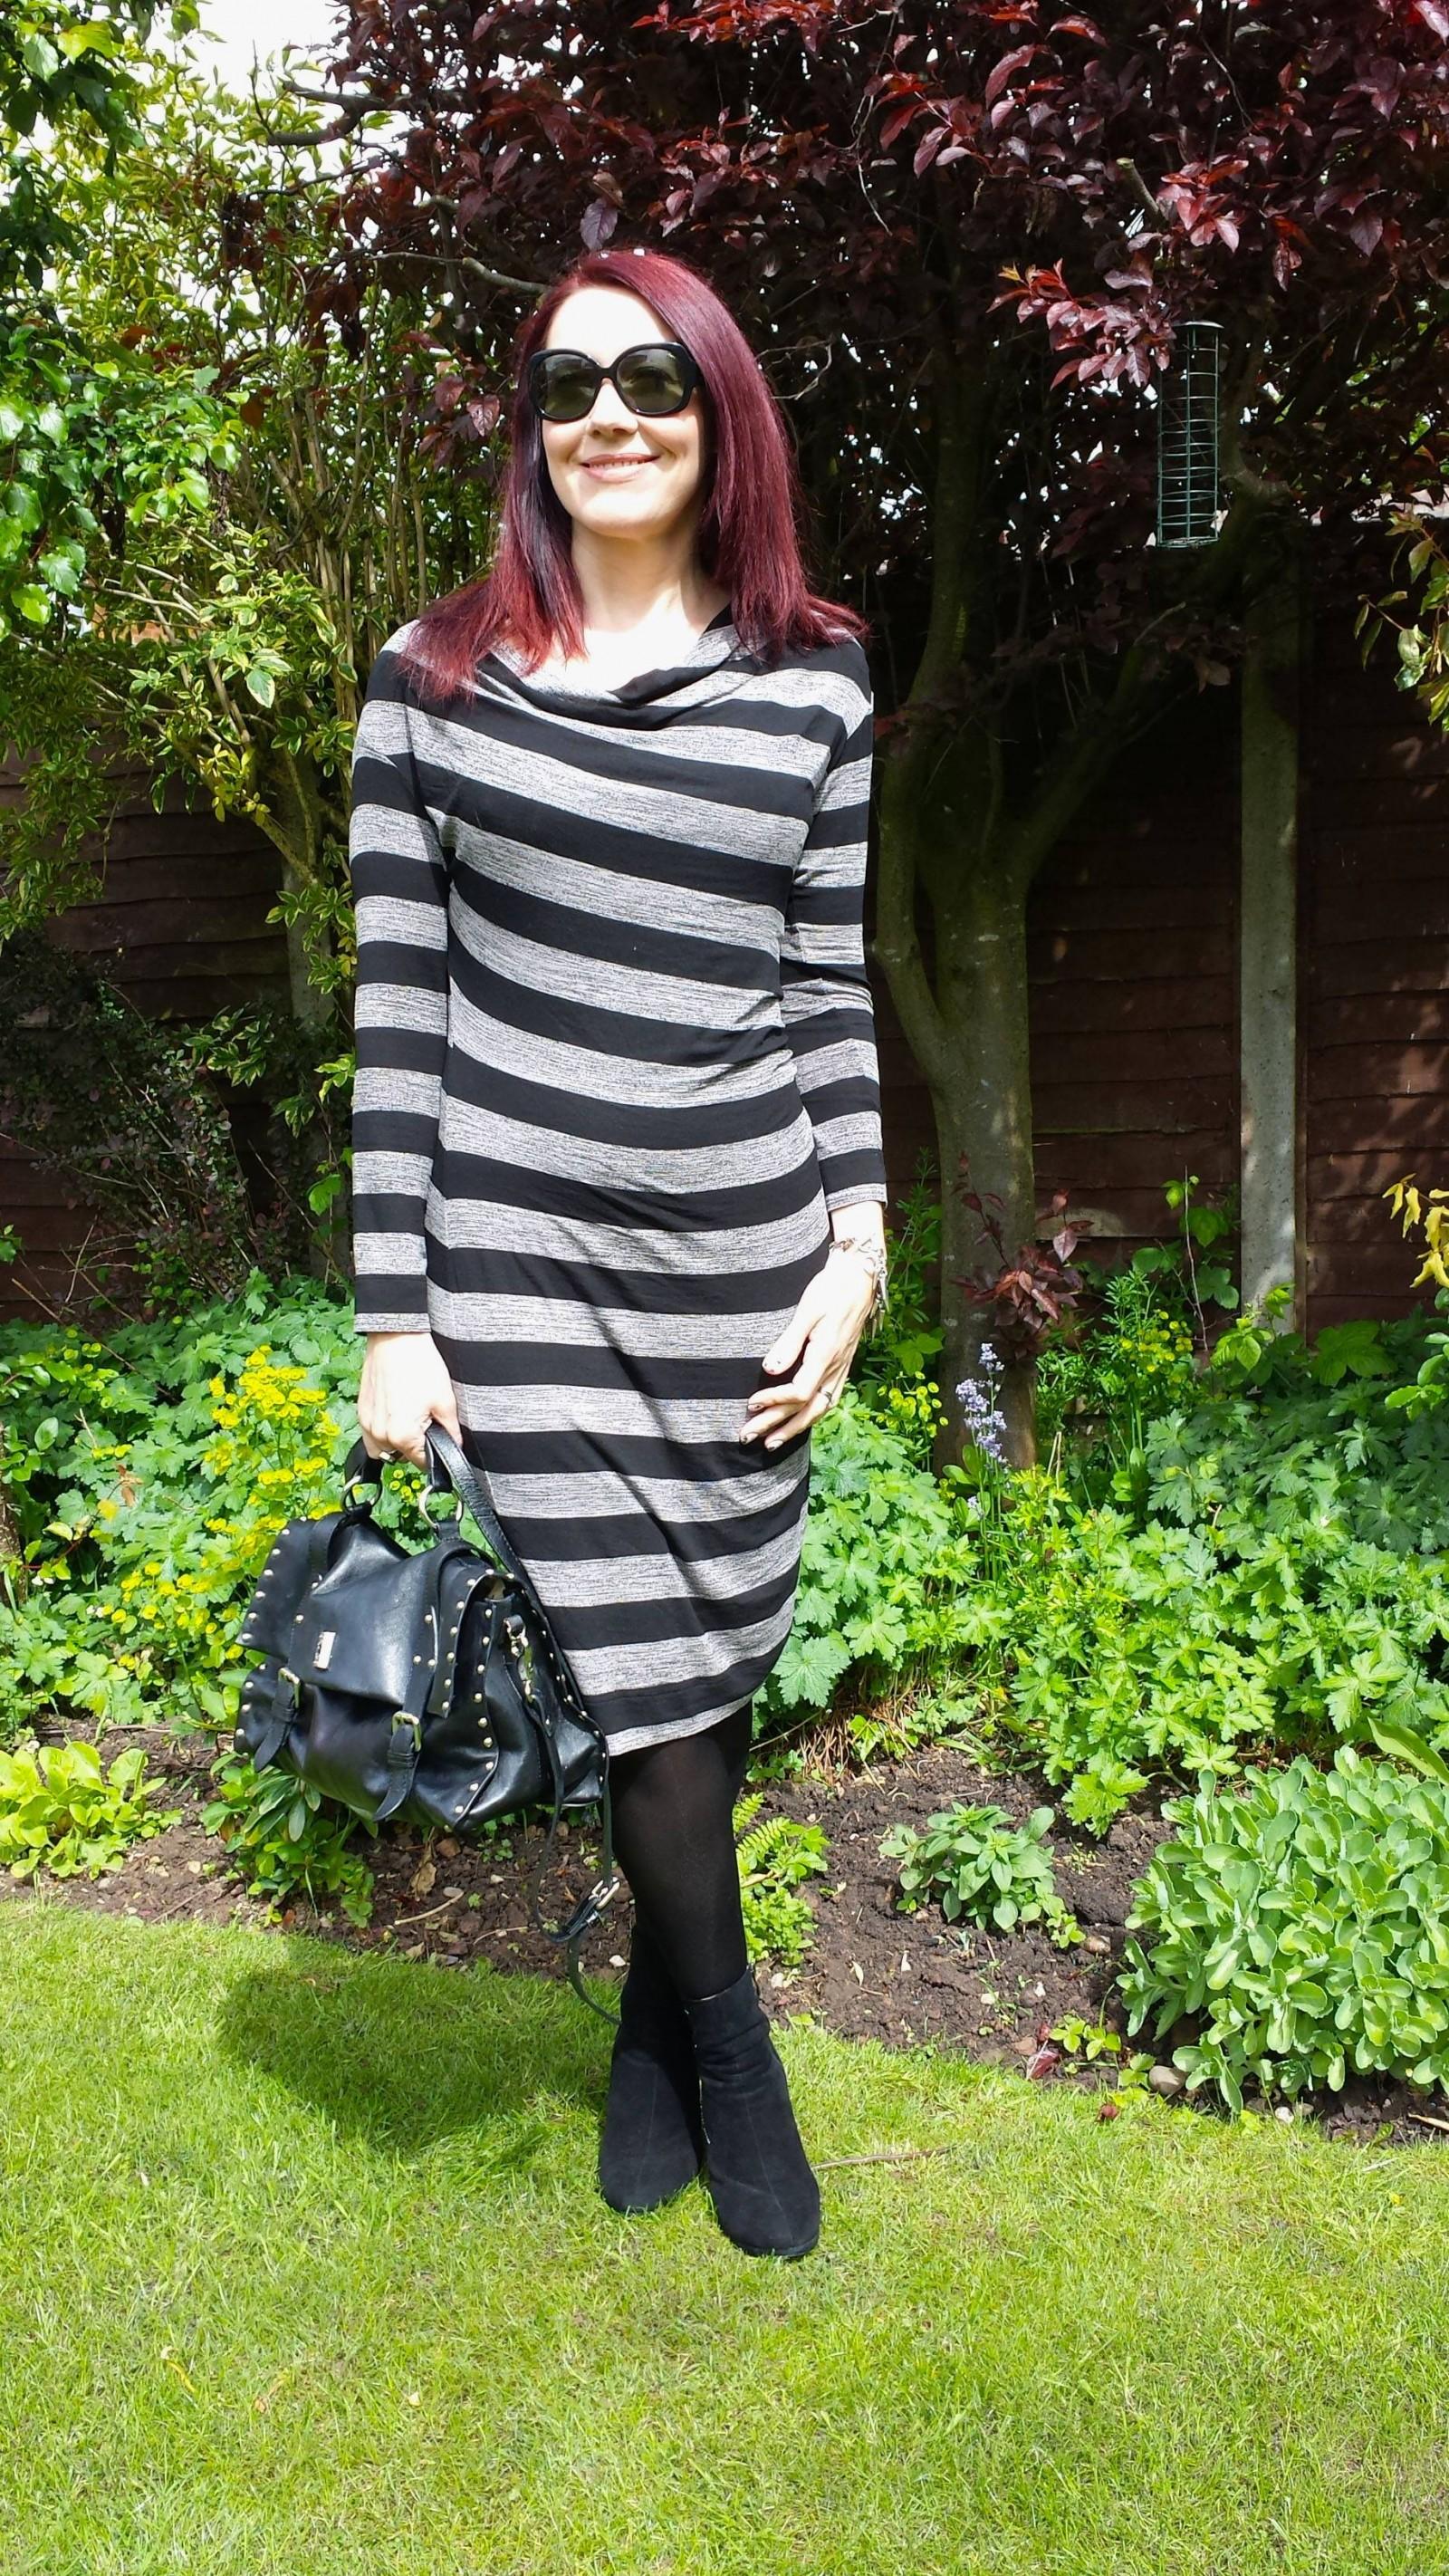 Linea striped jersey dress